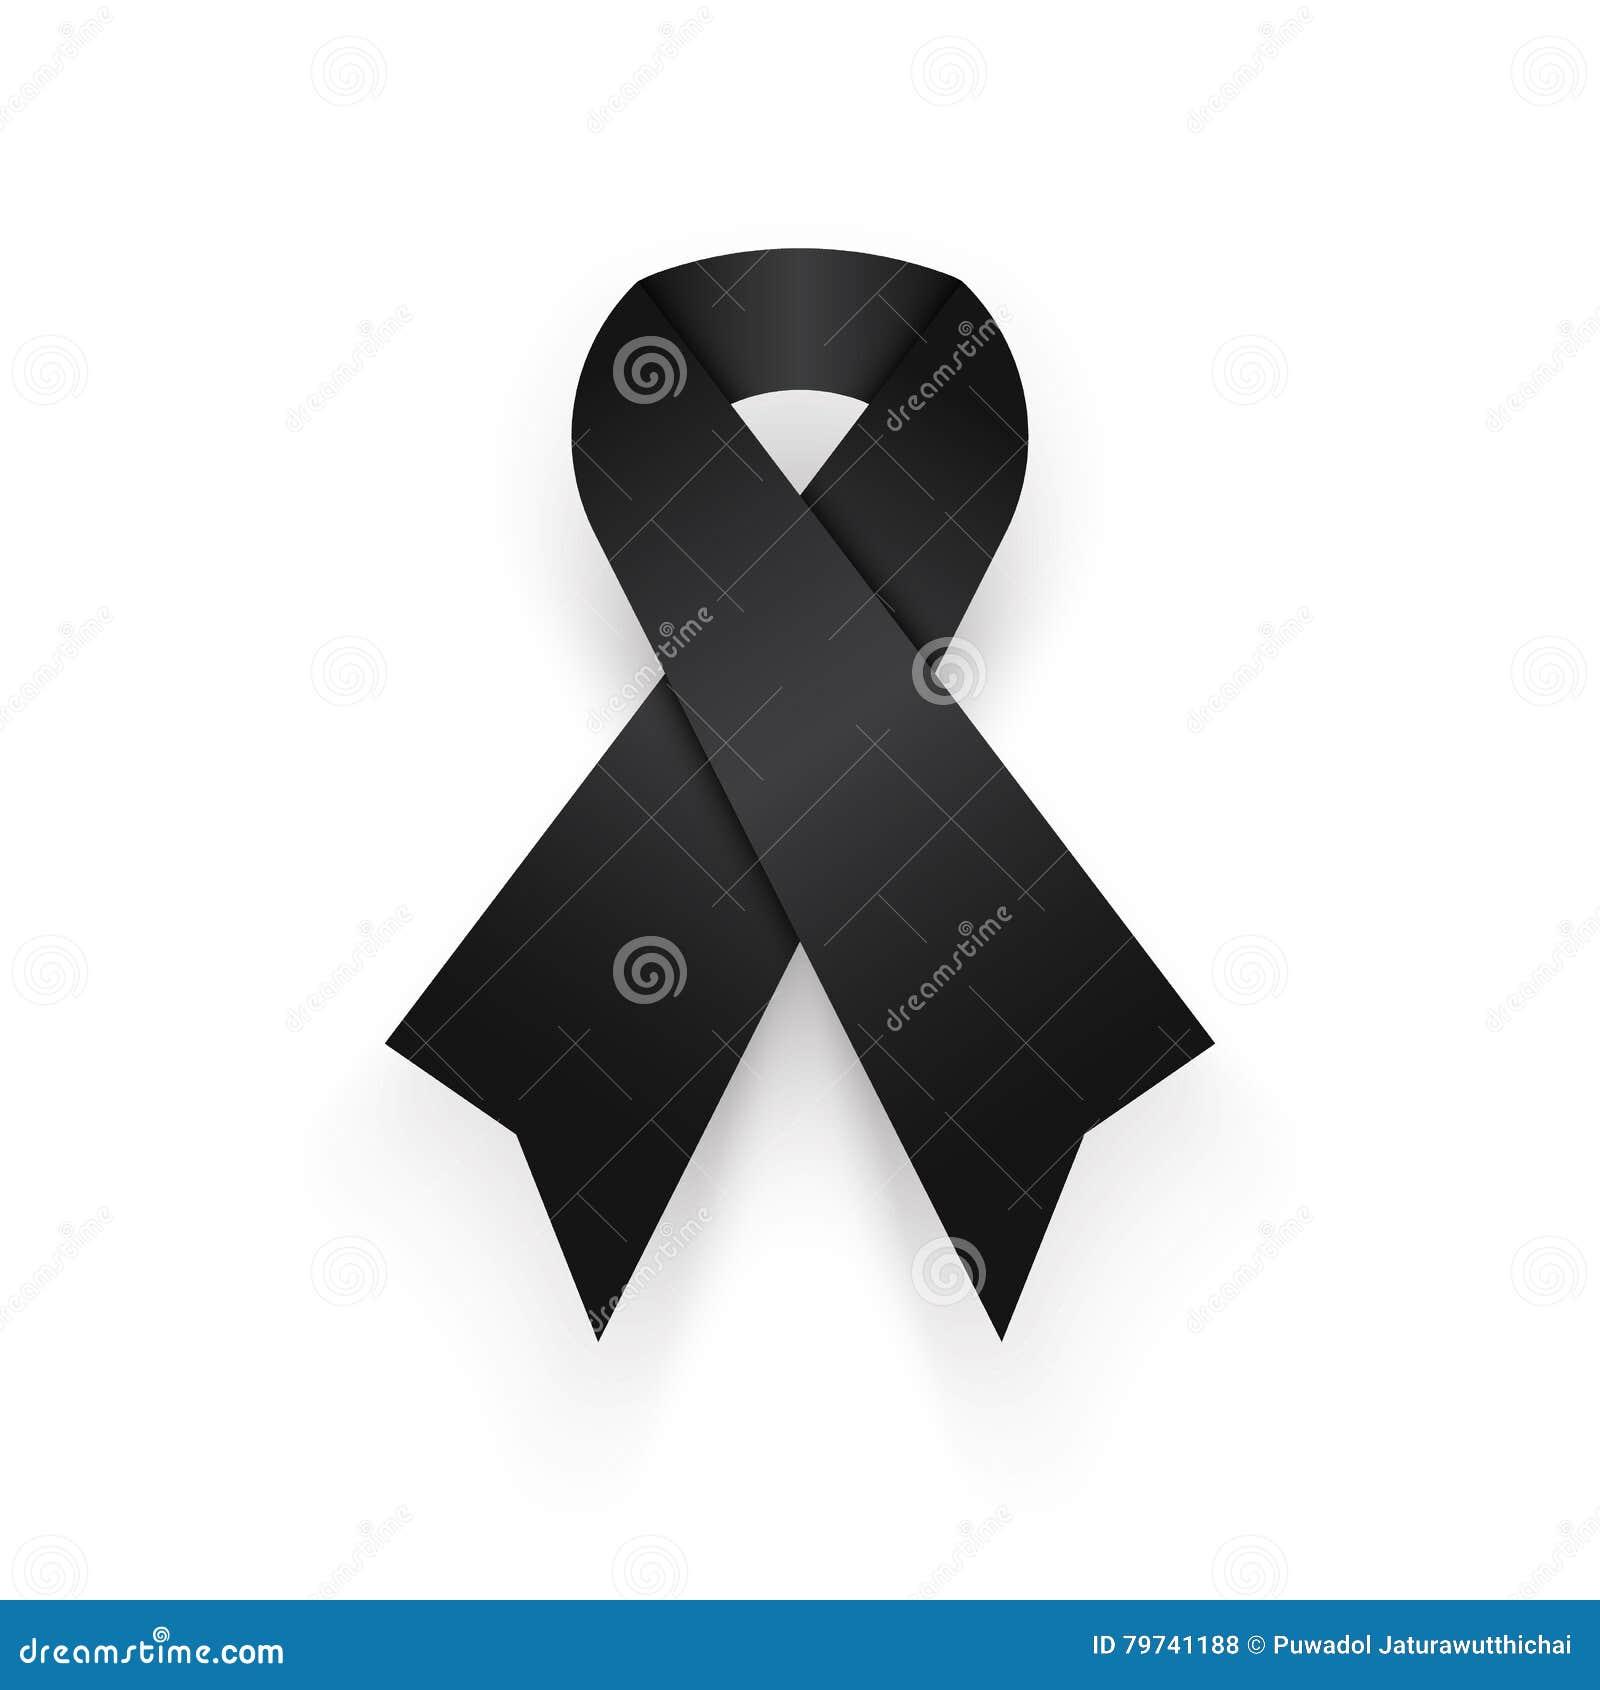 Cinta negra en el fondo blanco est de luto para el rey de tailandia desaparecen resto